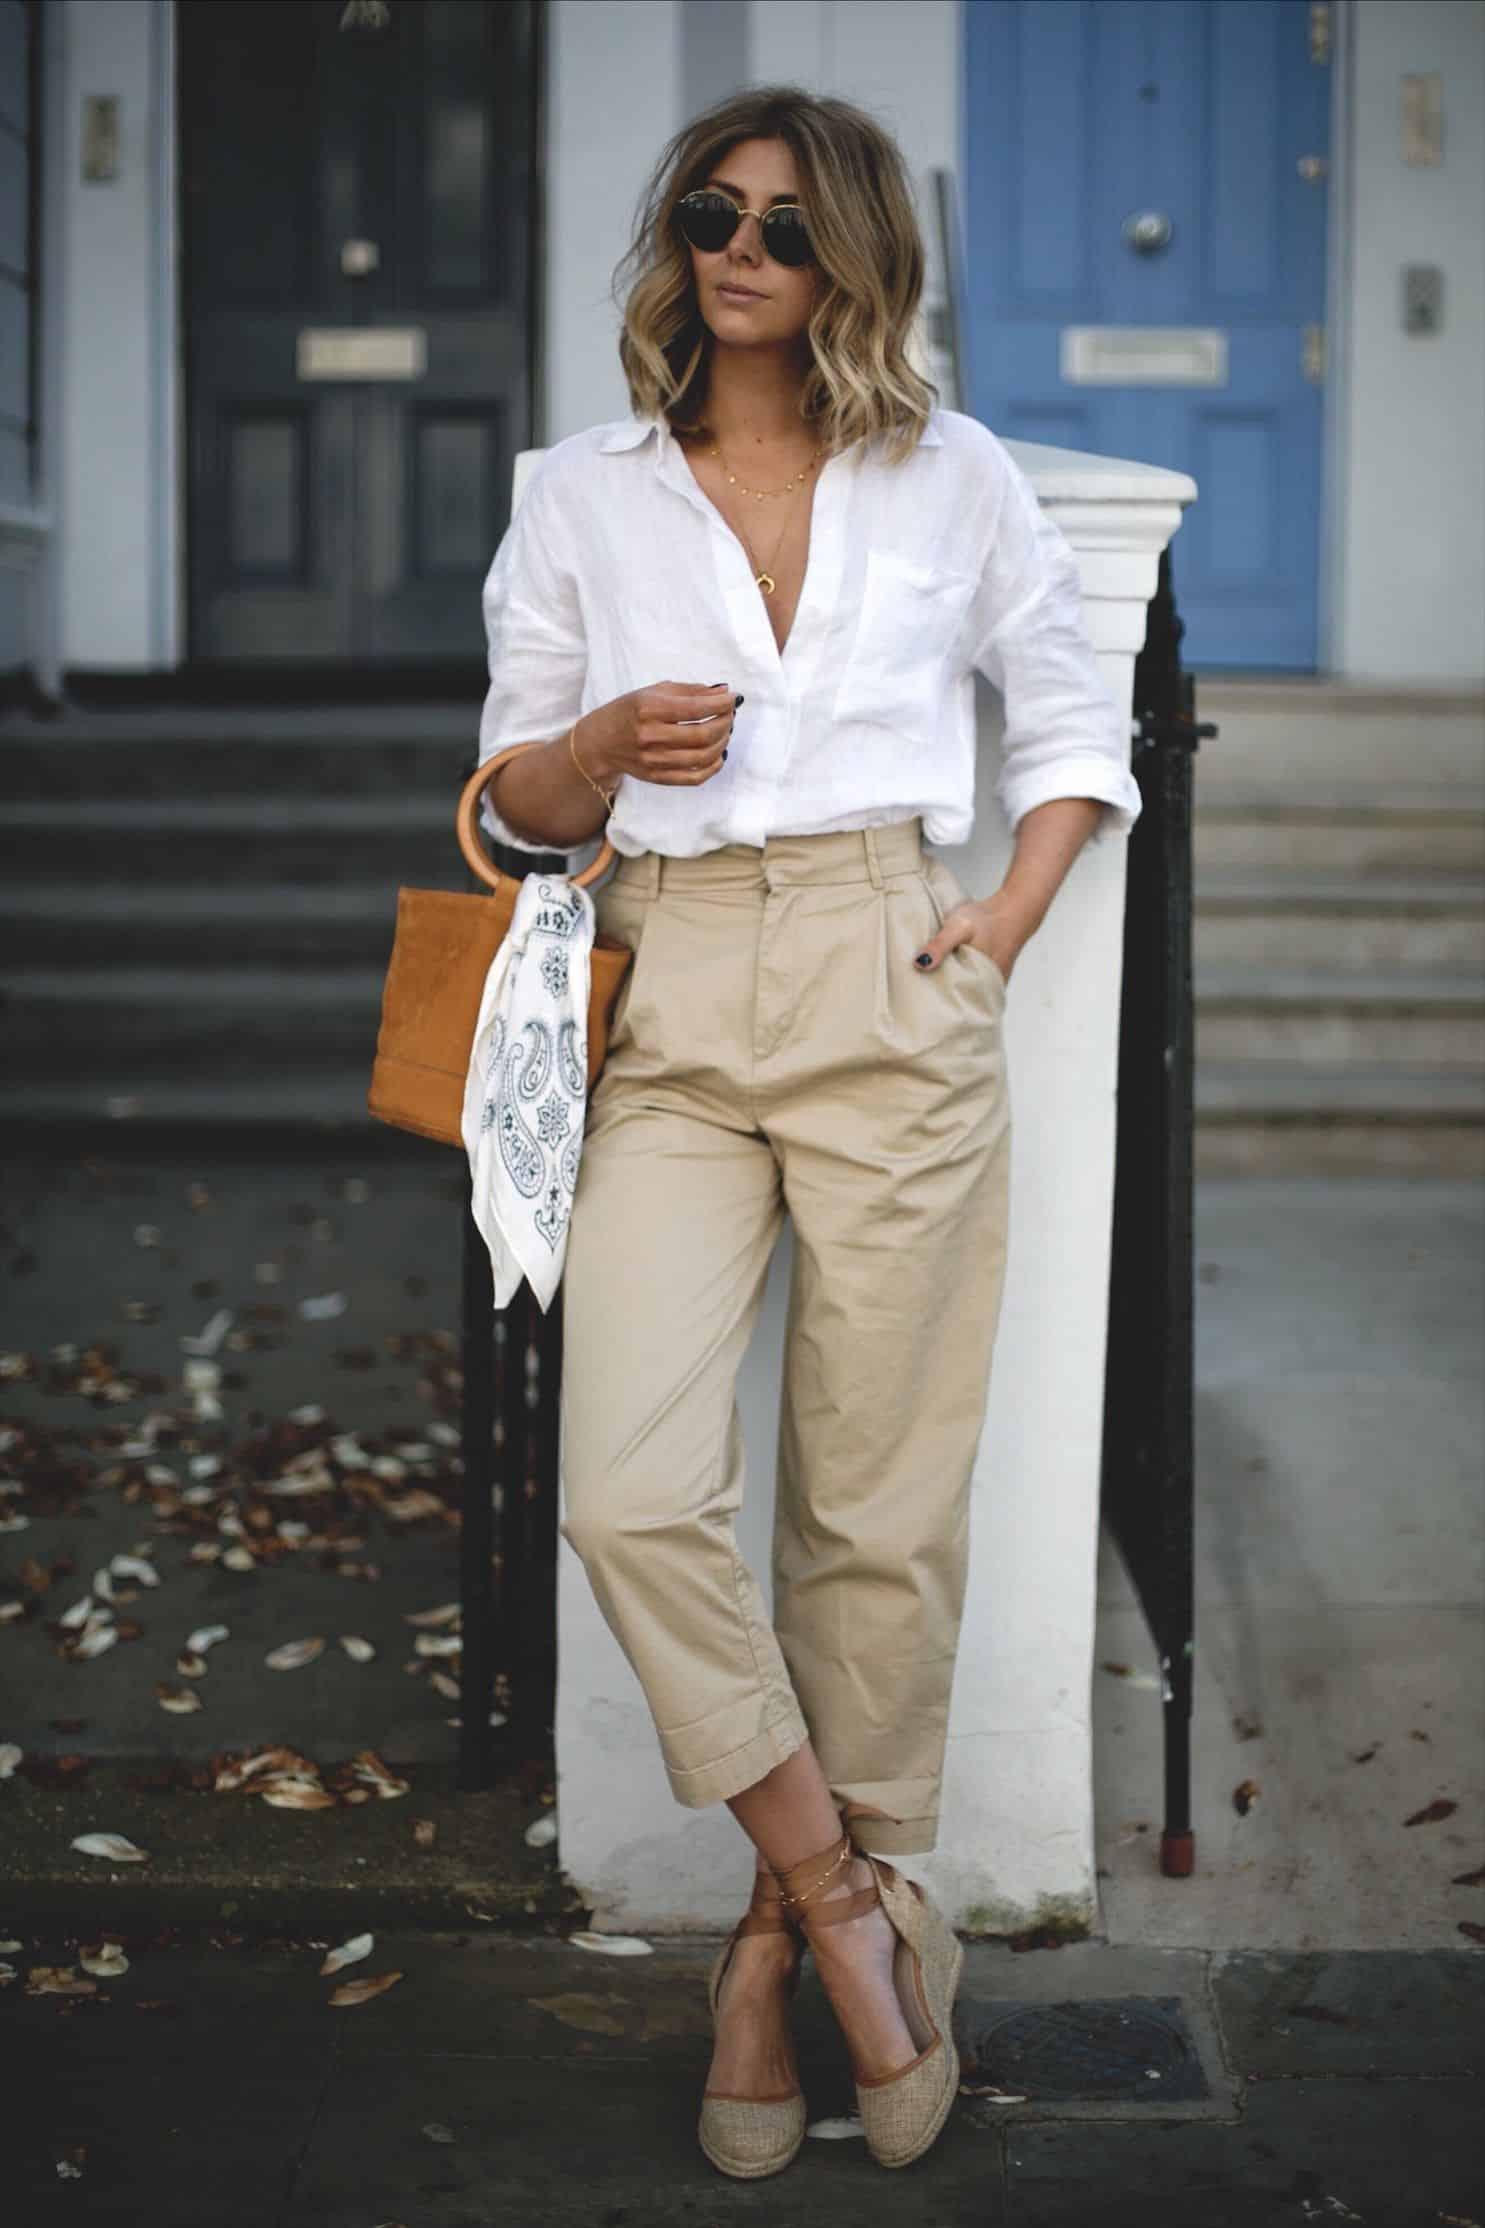 брюки для типа фигуры прямоугольник 2